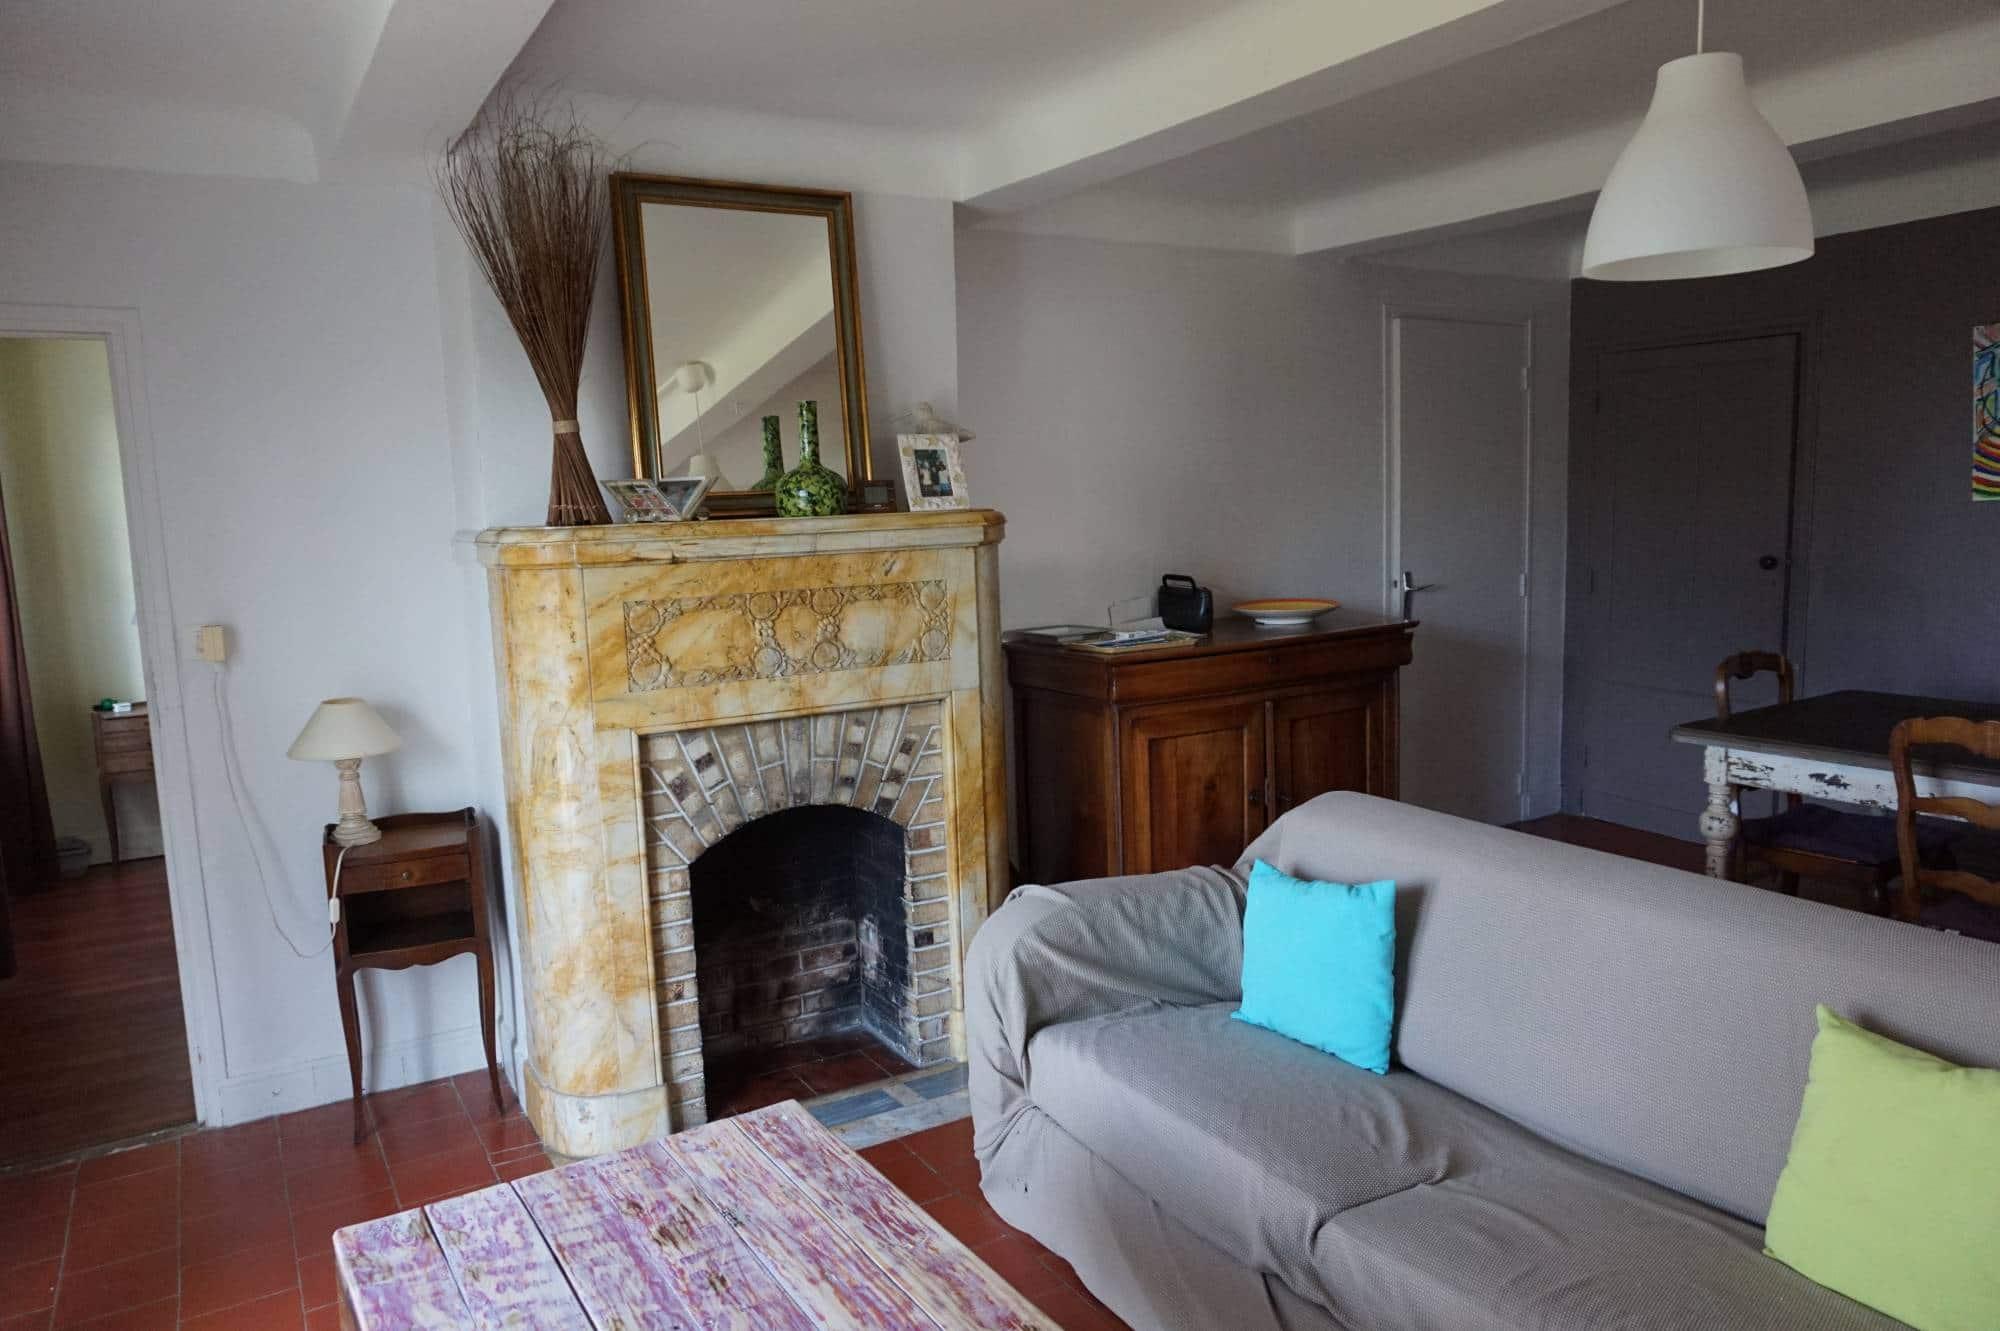 Acheter appartement : le marché de l'immobilier